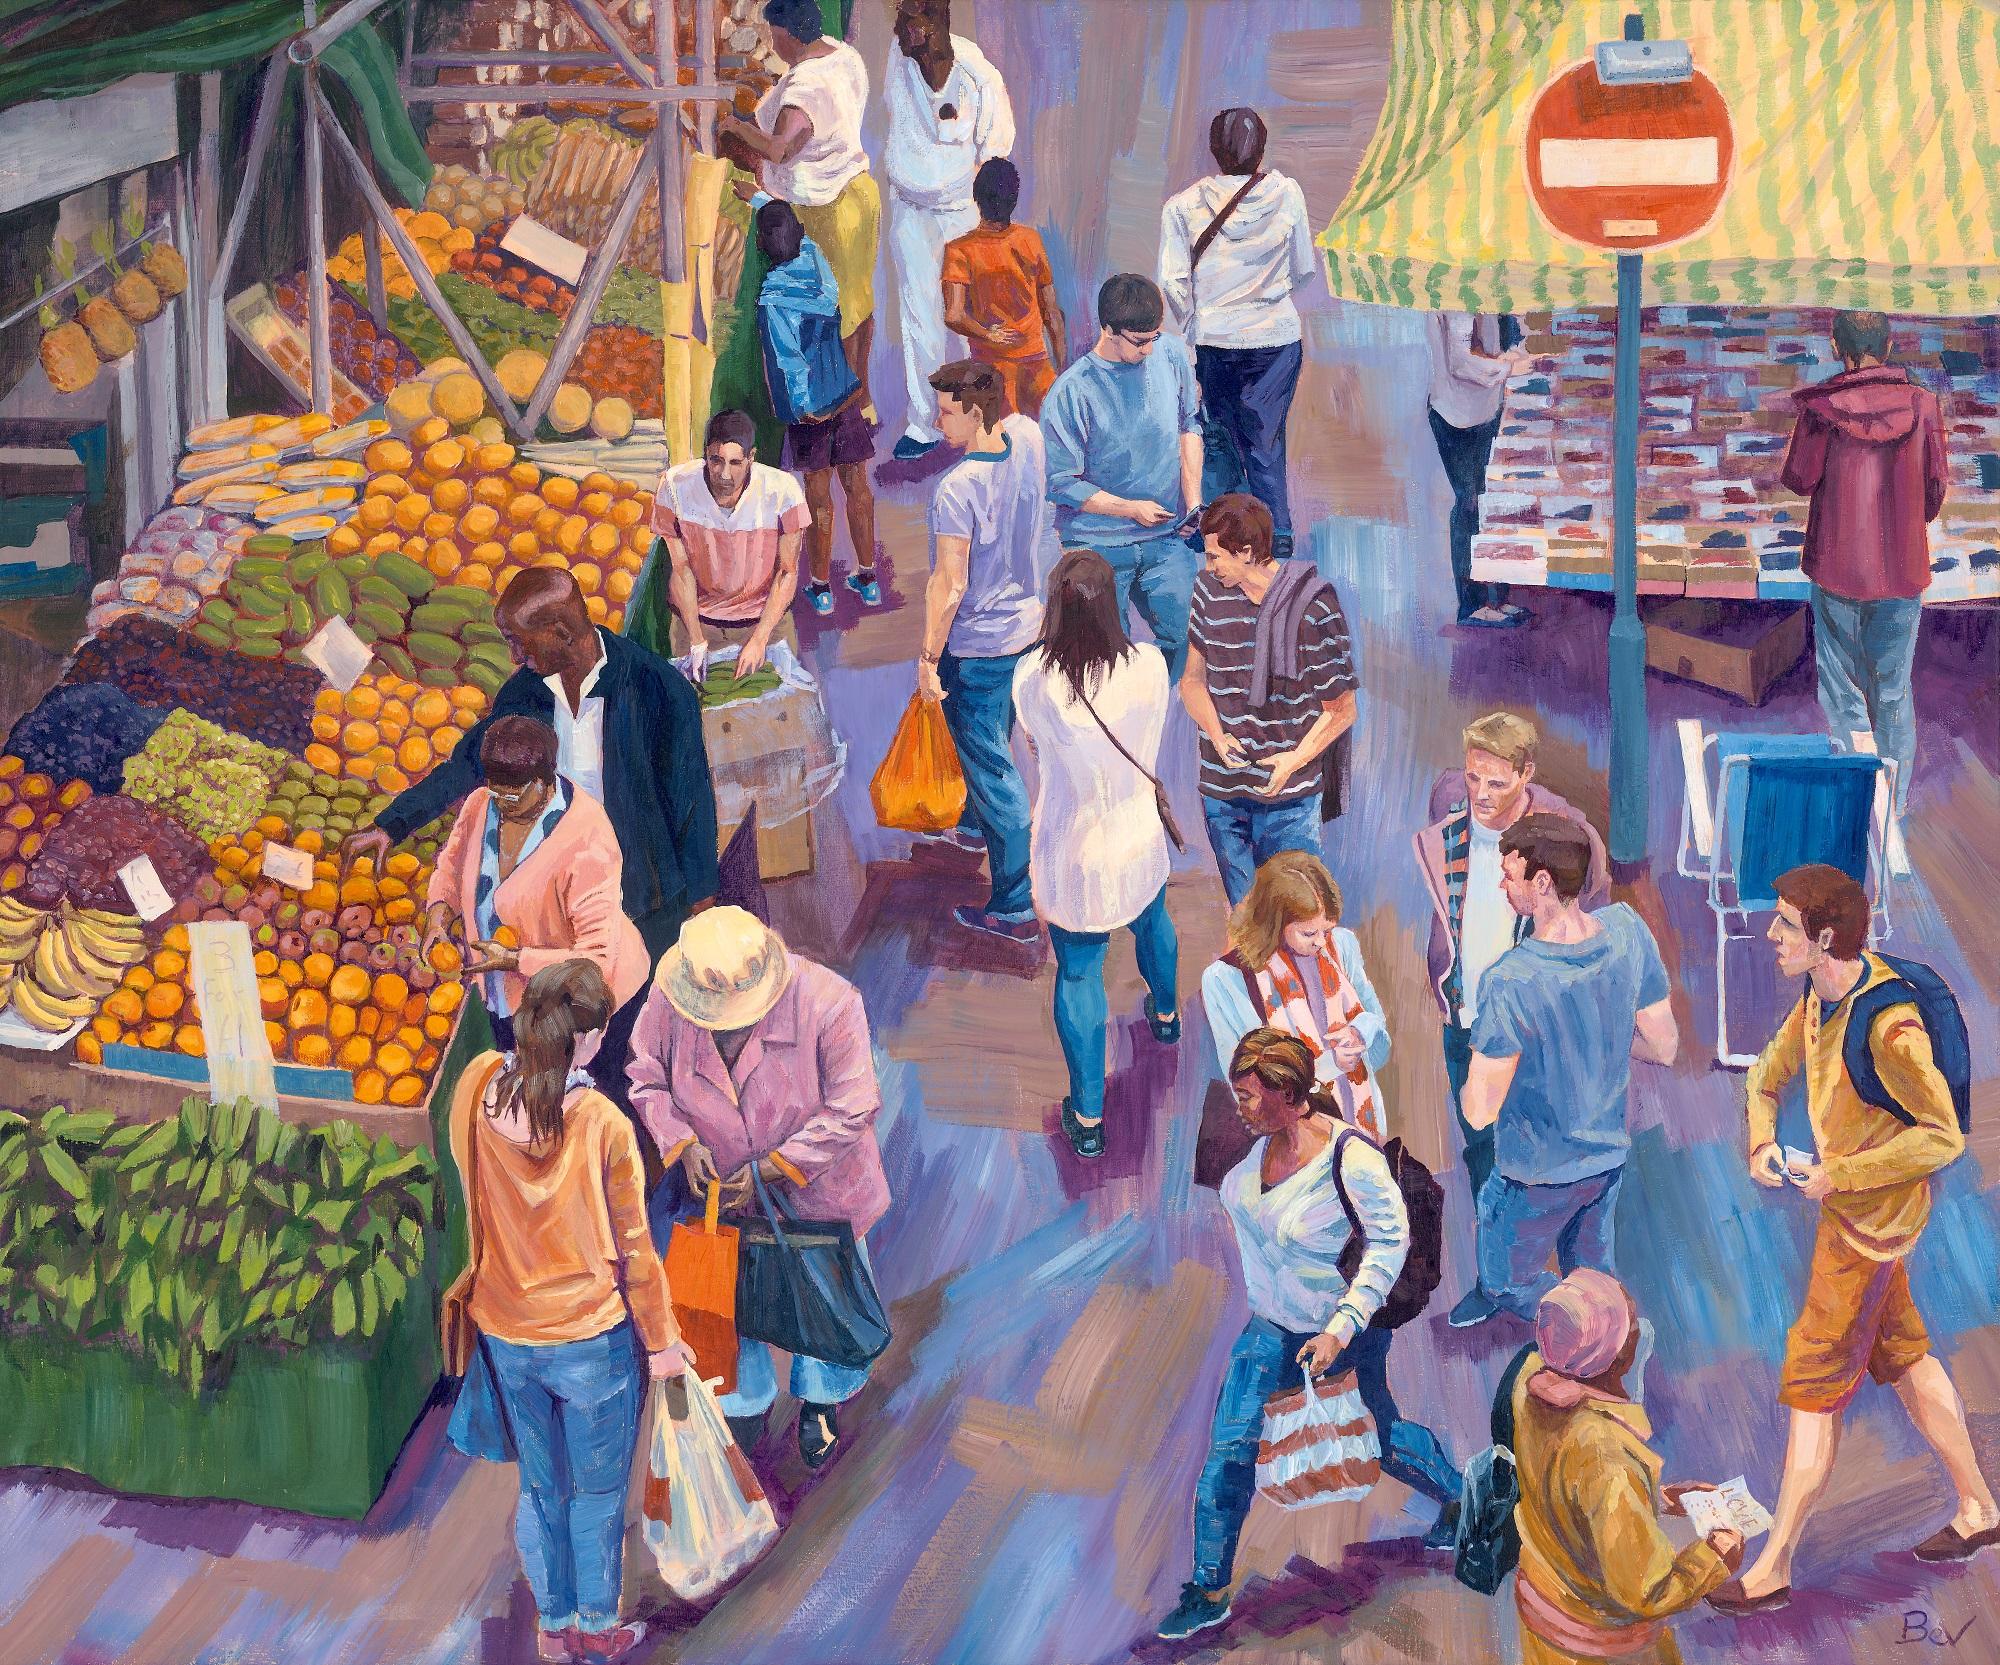 Overlooked, acrylic on canvas. 65 x 55 cm £900